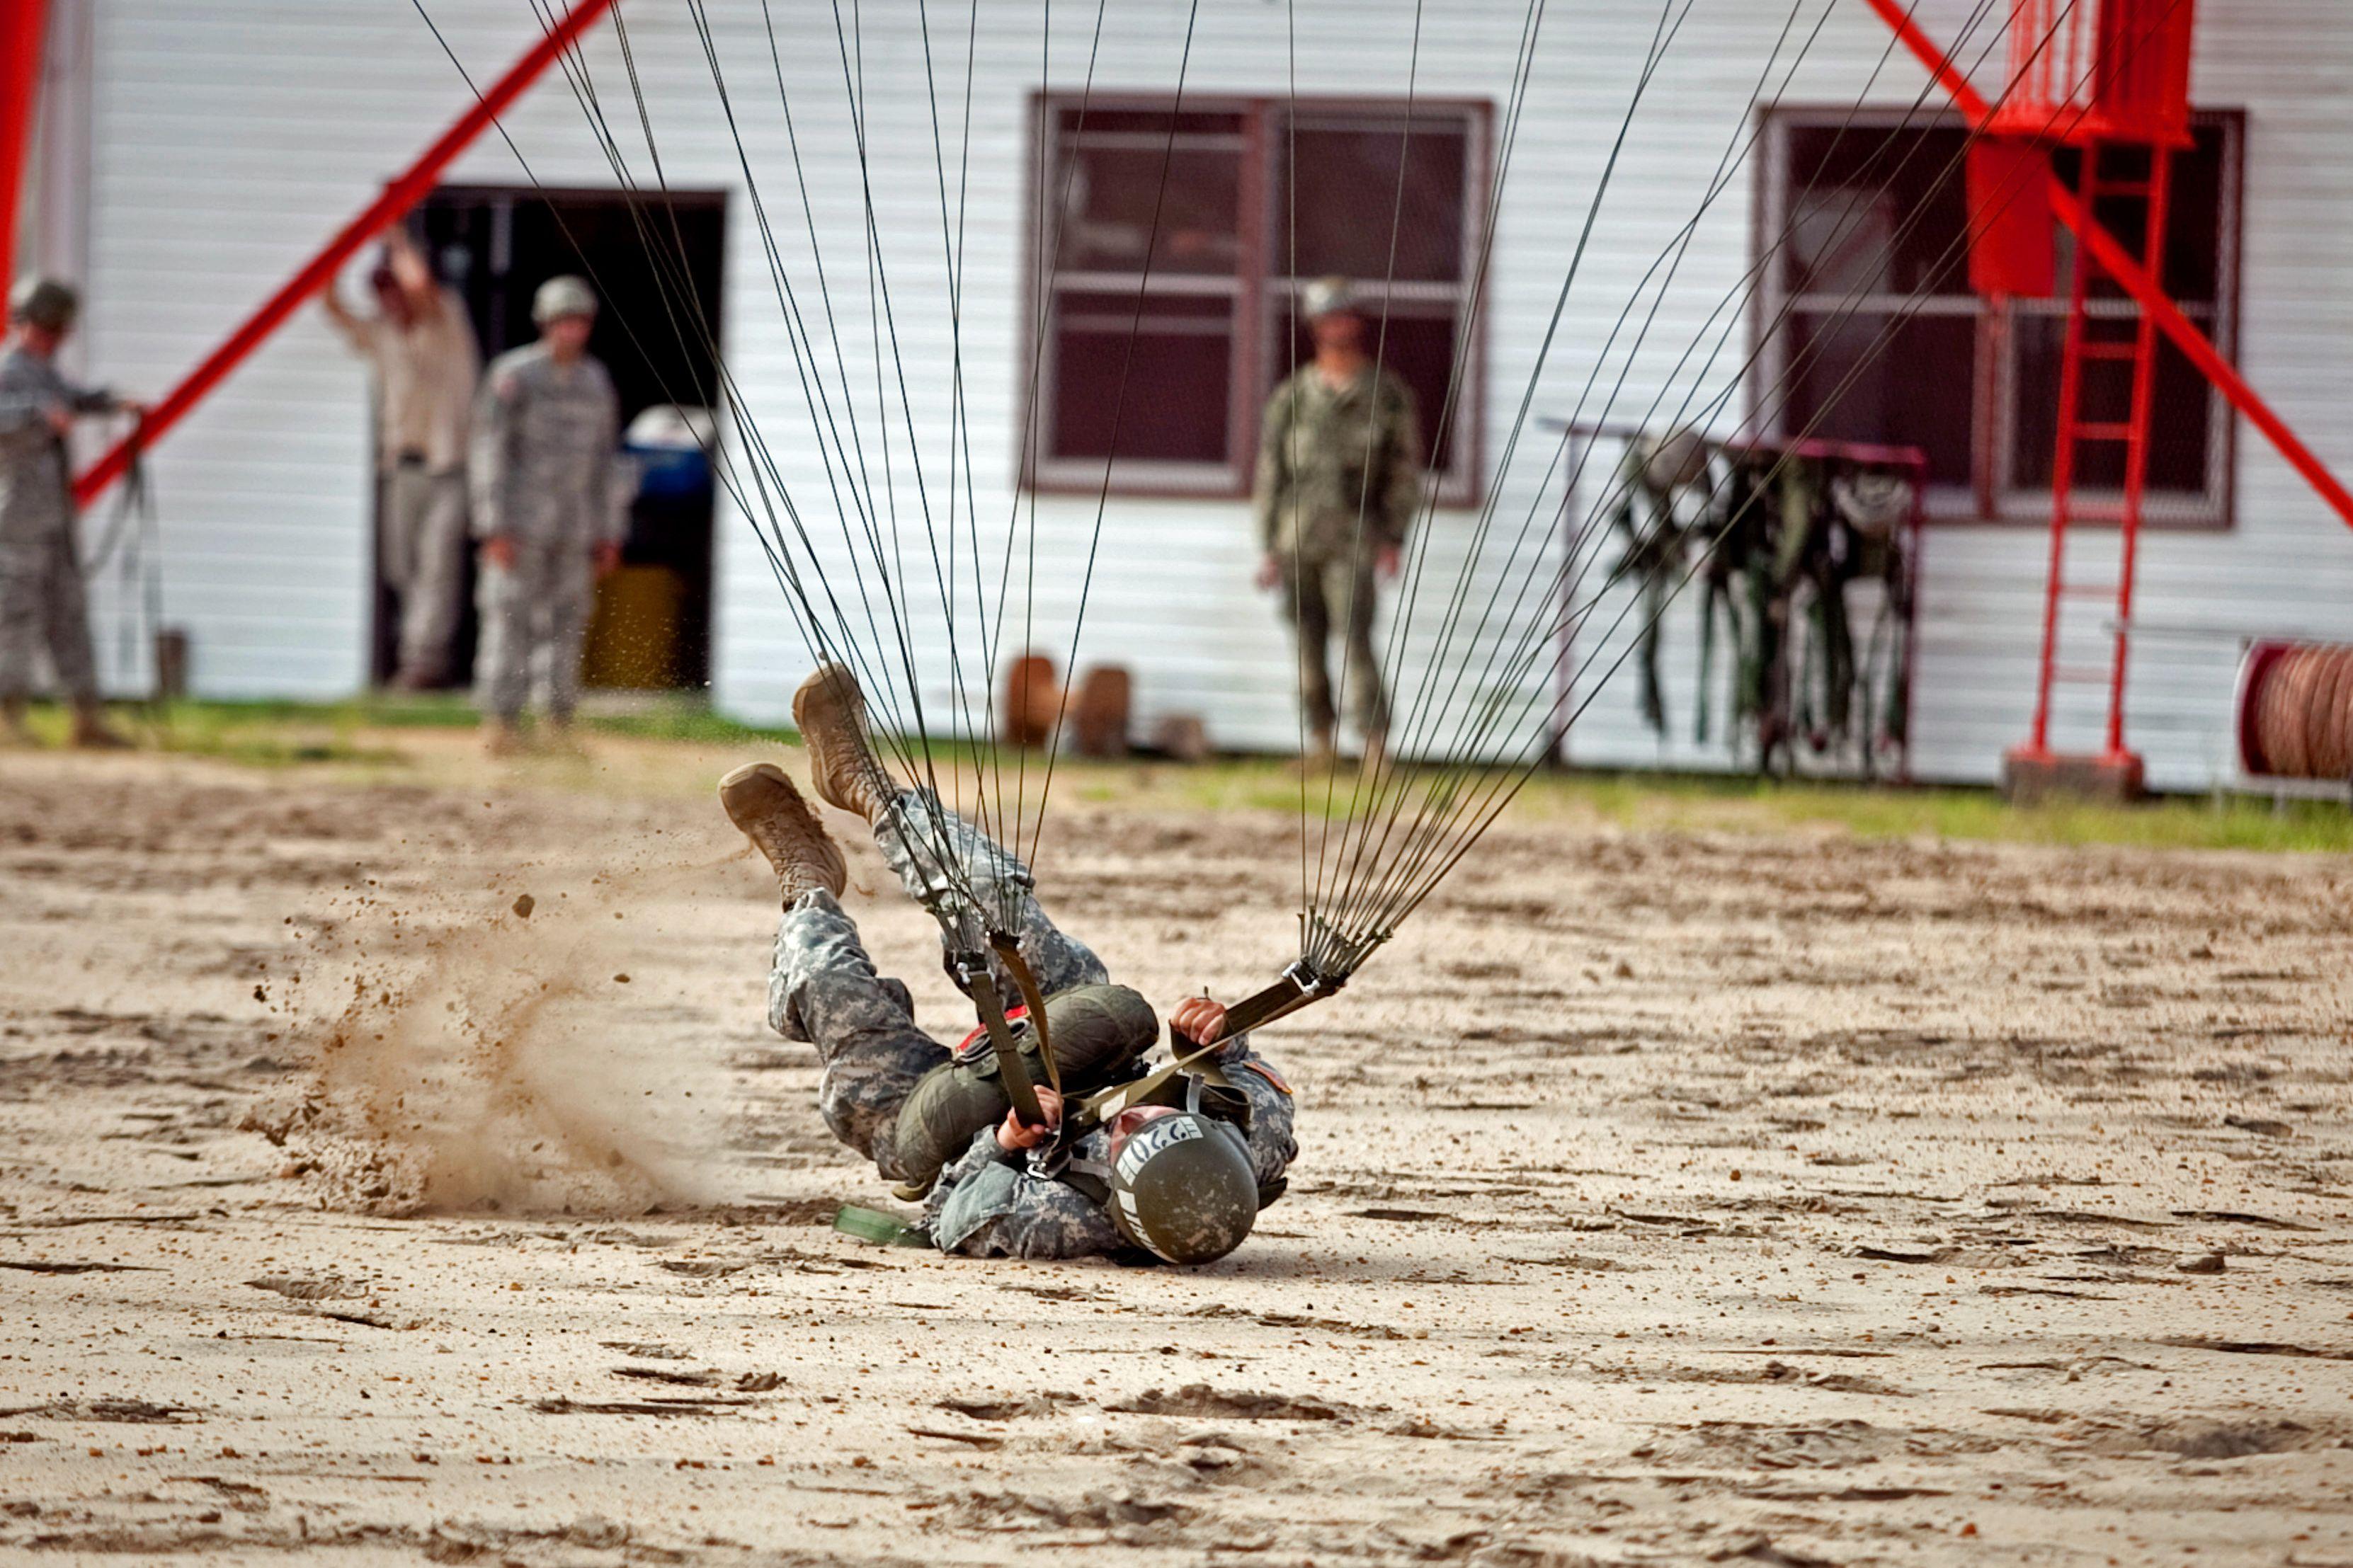 Fort Benning Airborne School Fort Benning Airborne Confederate States